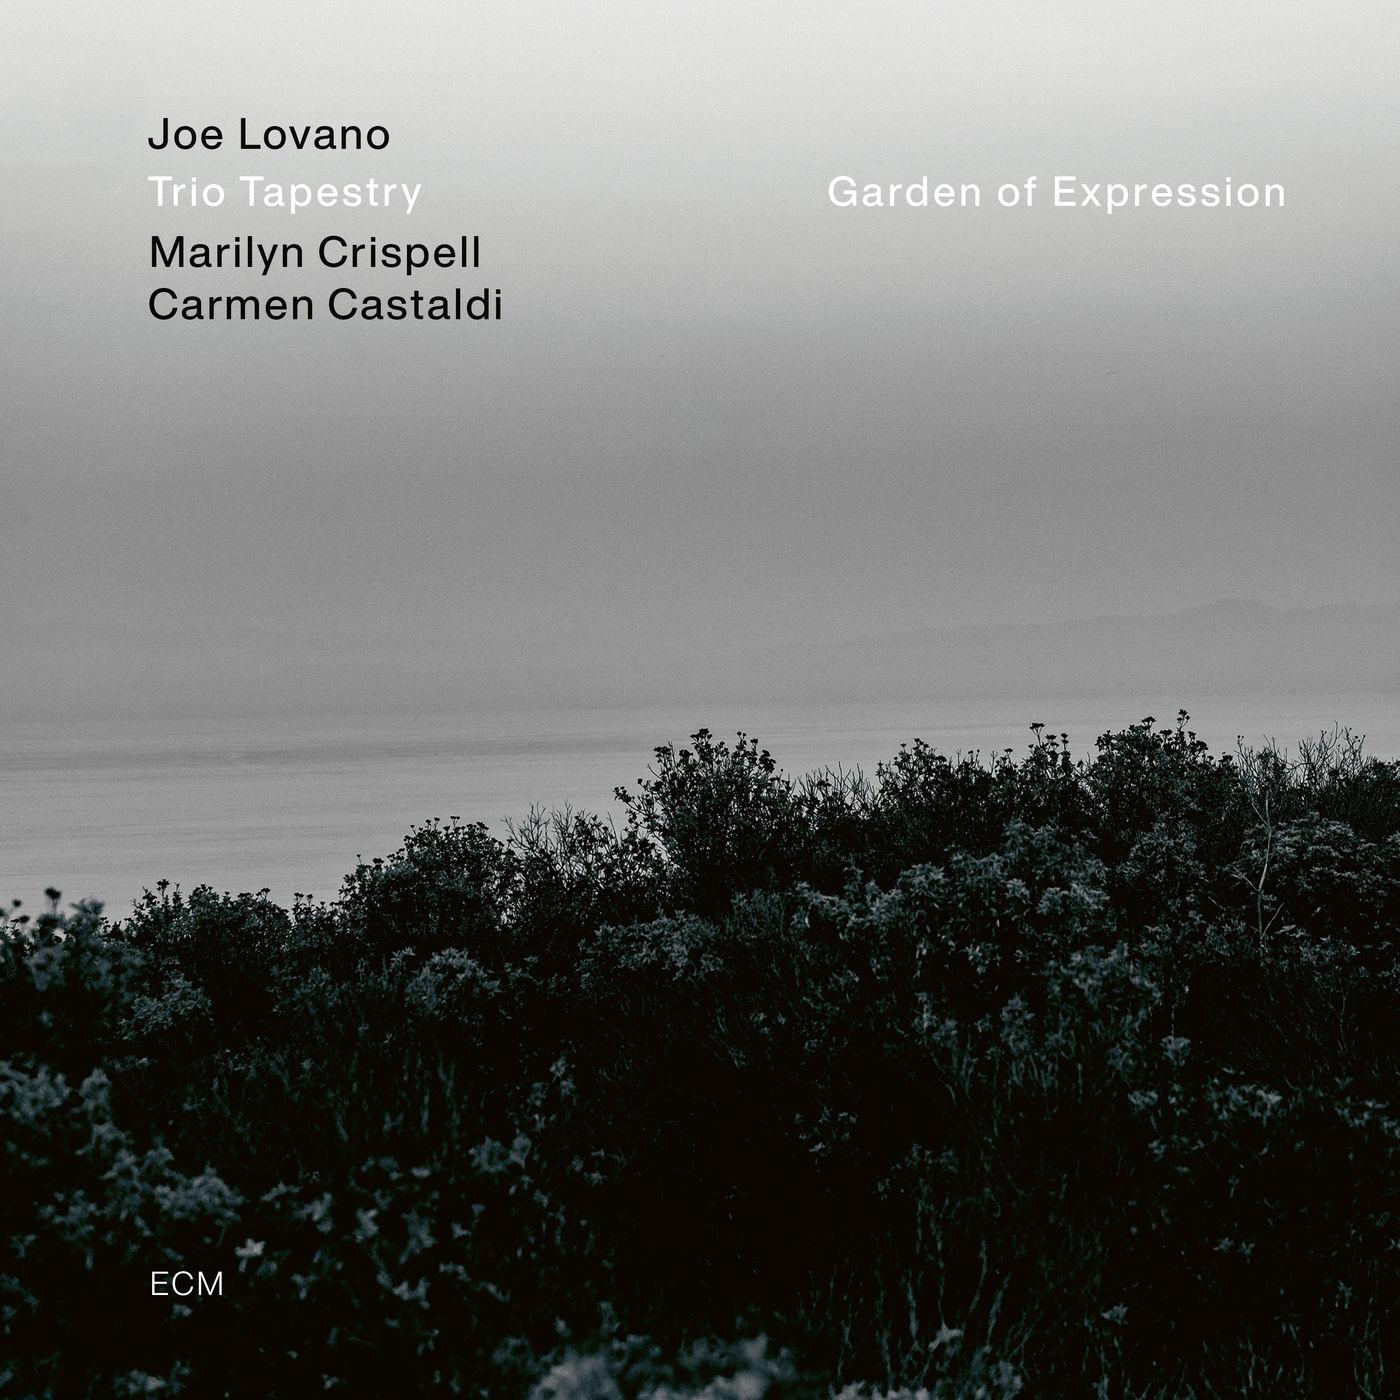 Joe Lovano, Marilyn Crispell, Carmen Castaldi - Garden of Expression (2021)